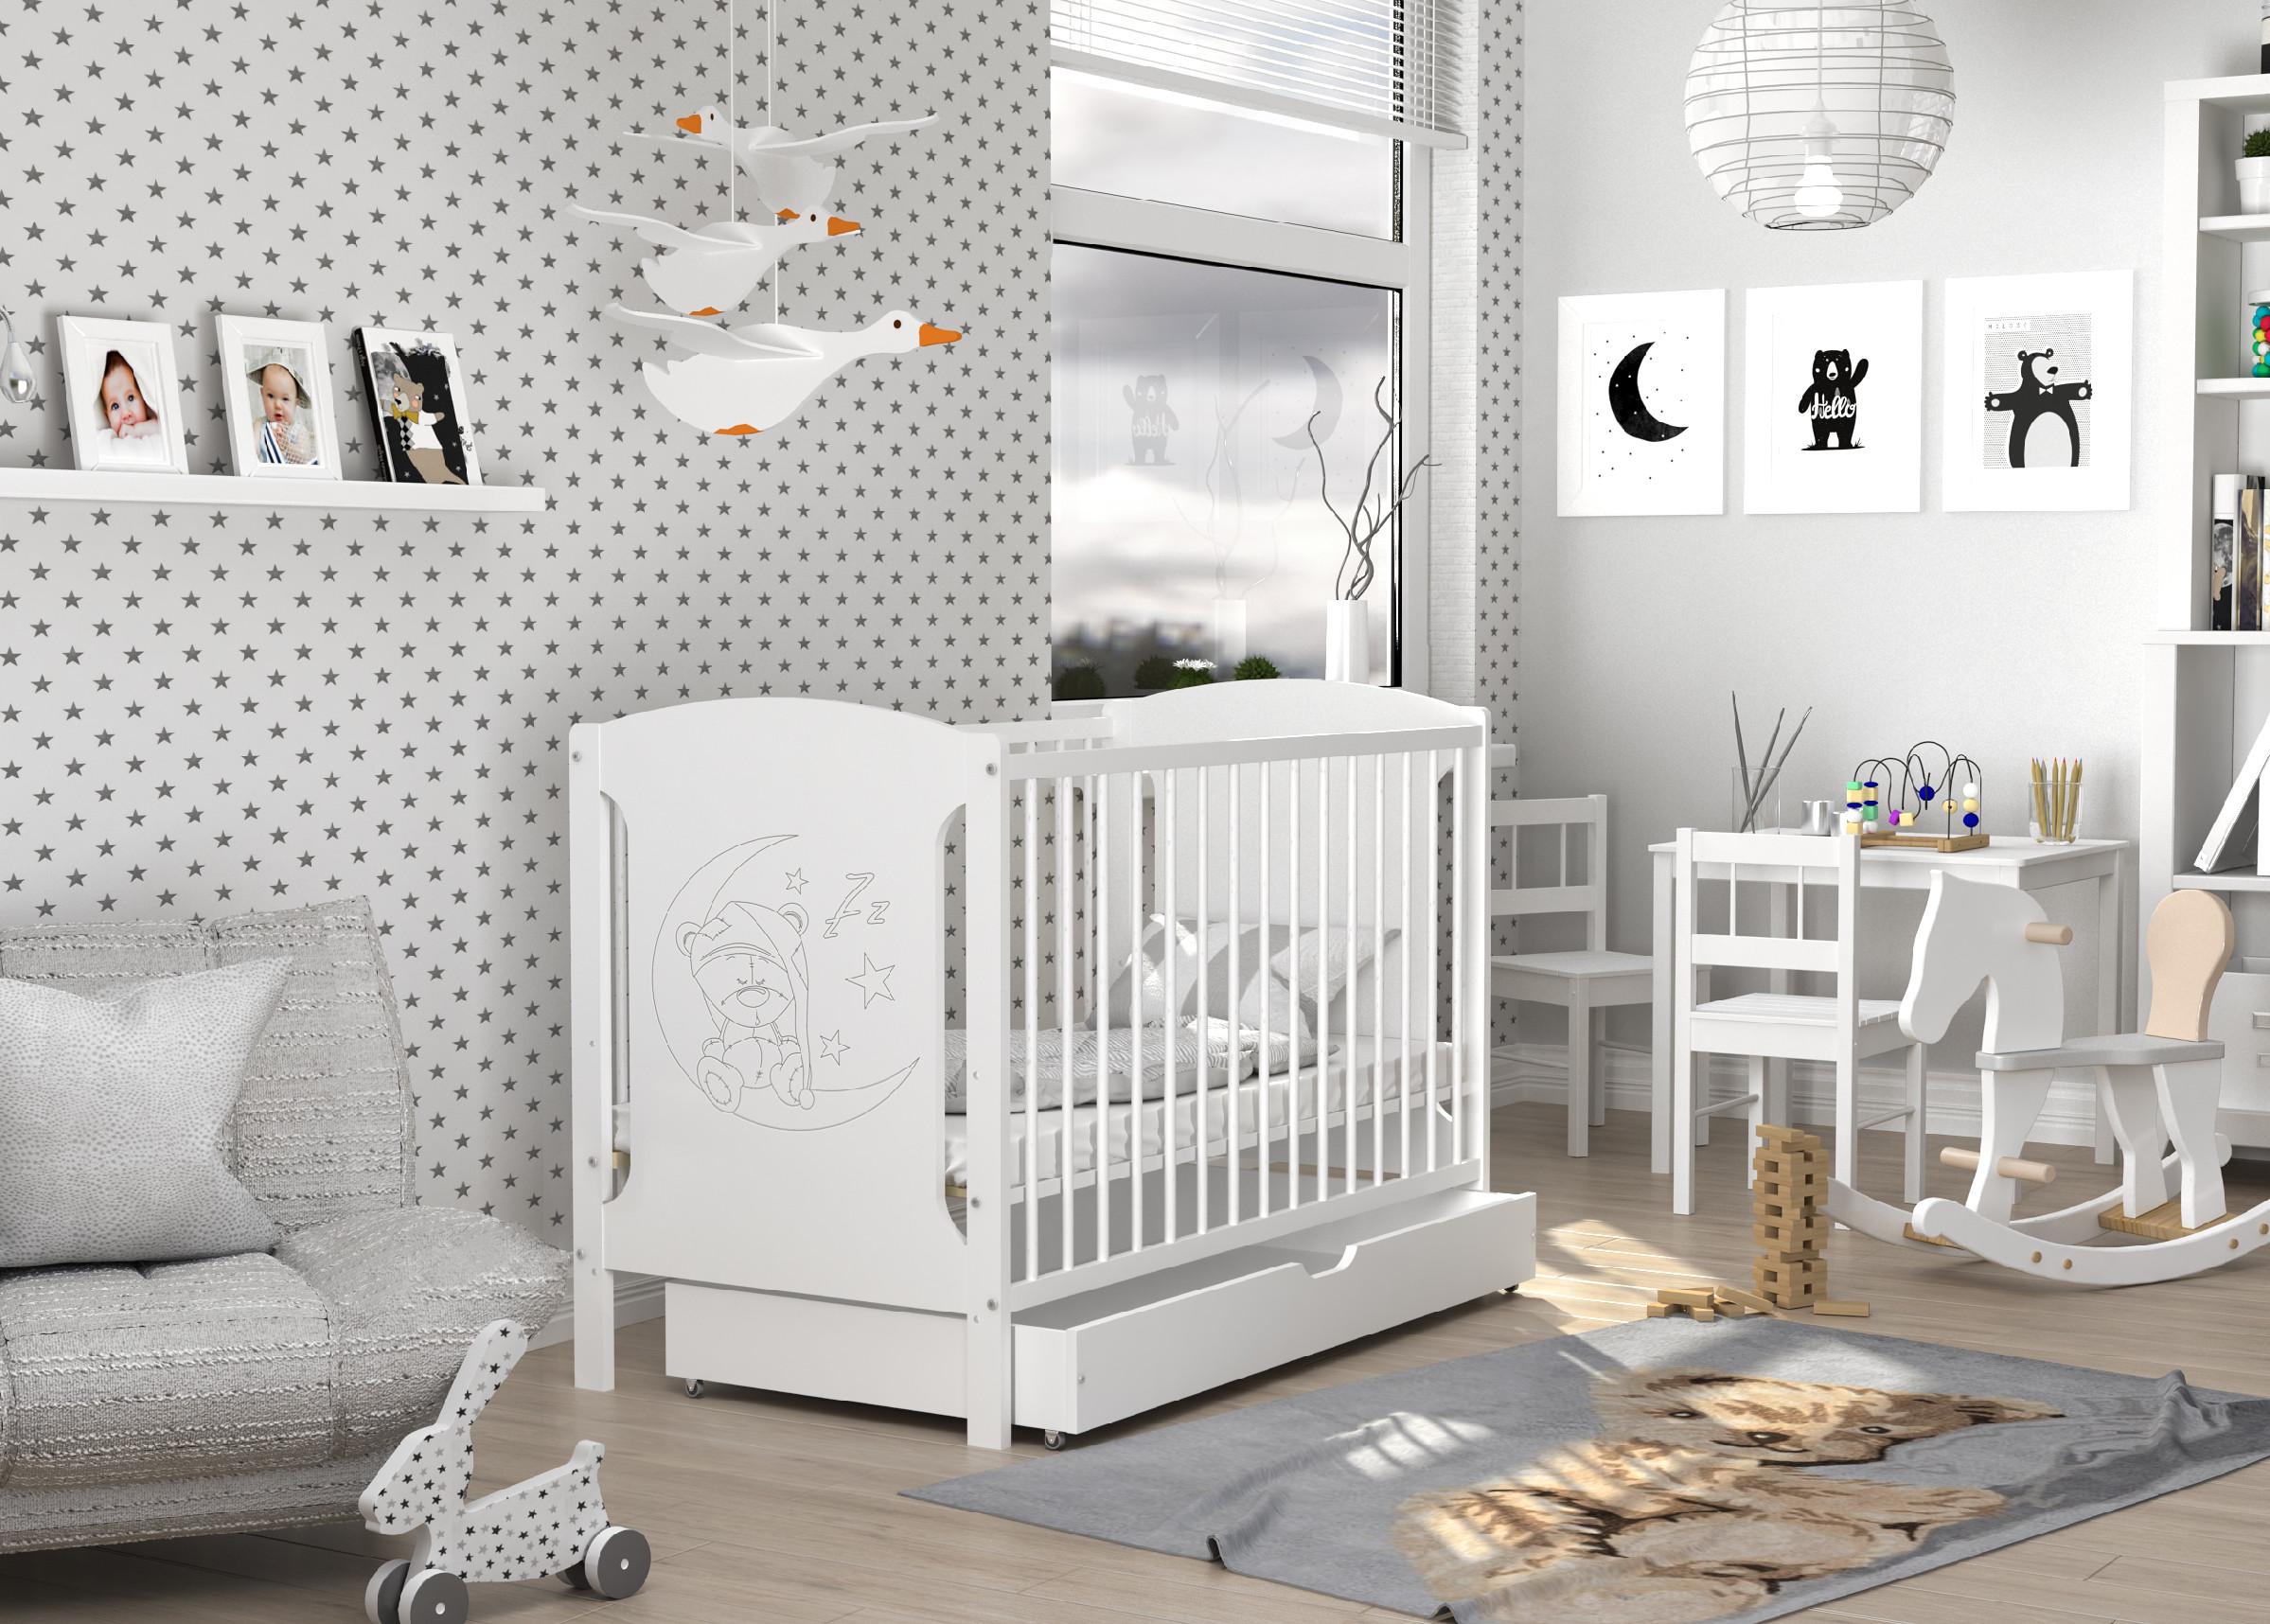 ArtAJ Detská postieľka TOLA Prevedenie Tola: biela/biela - spiaci macko + zásuvka